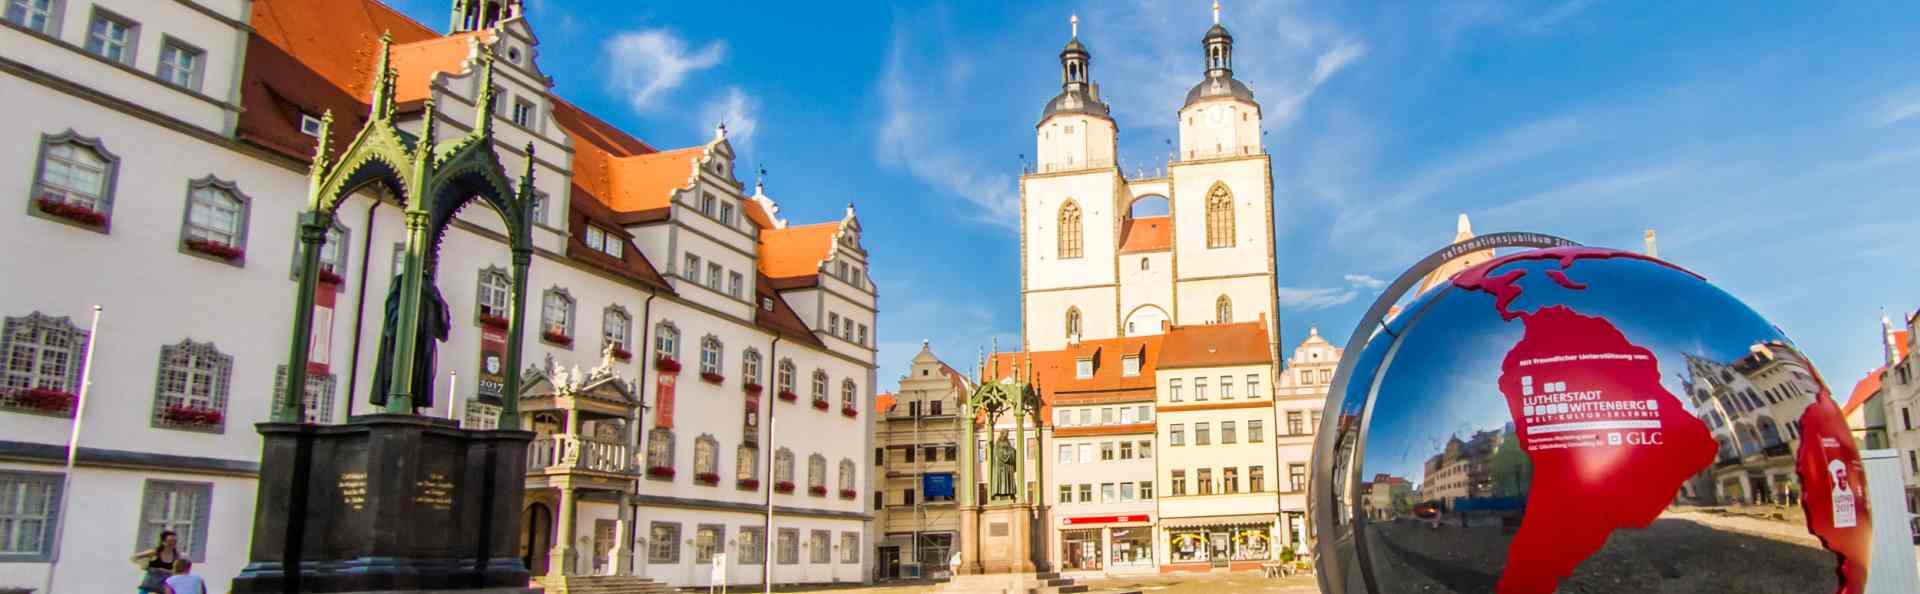 Marktplatz in Wittenberg © Alexander Baumbach